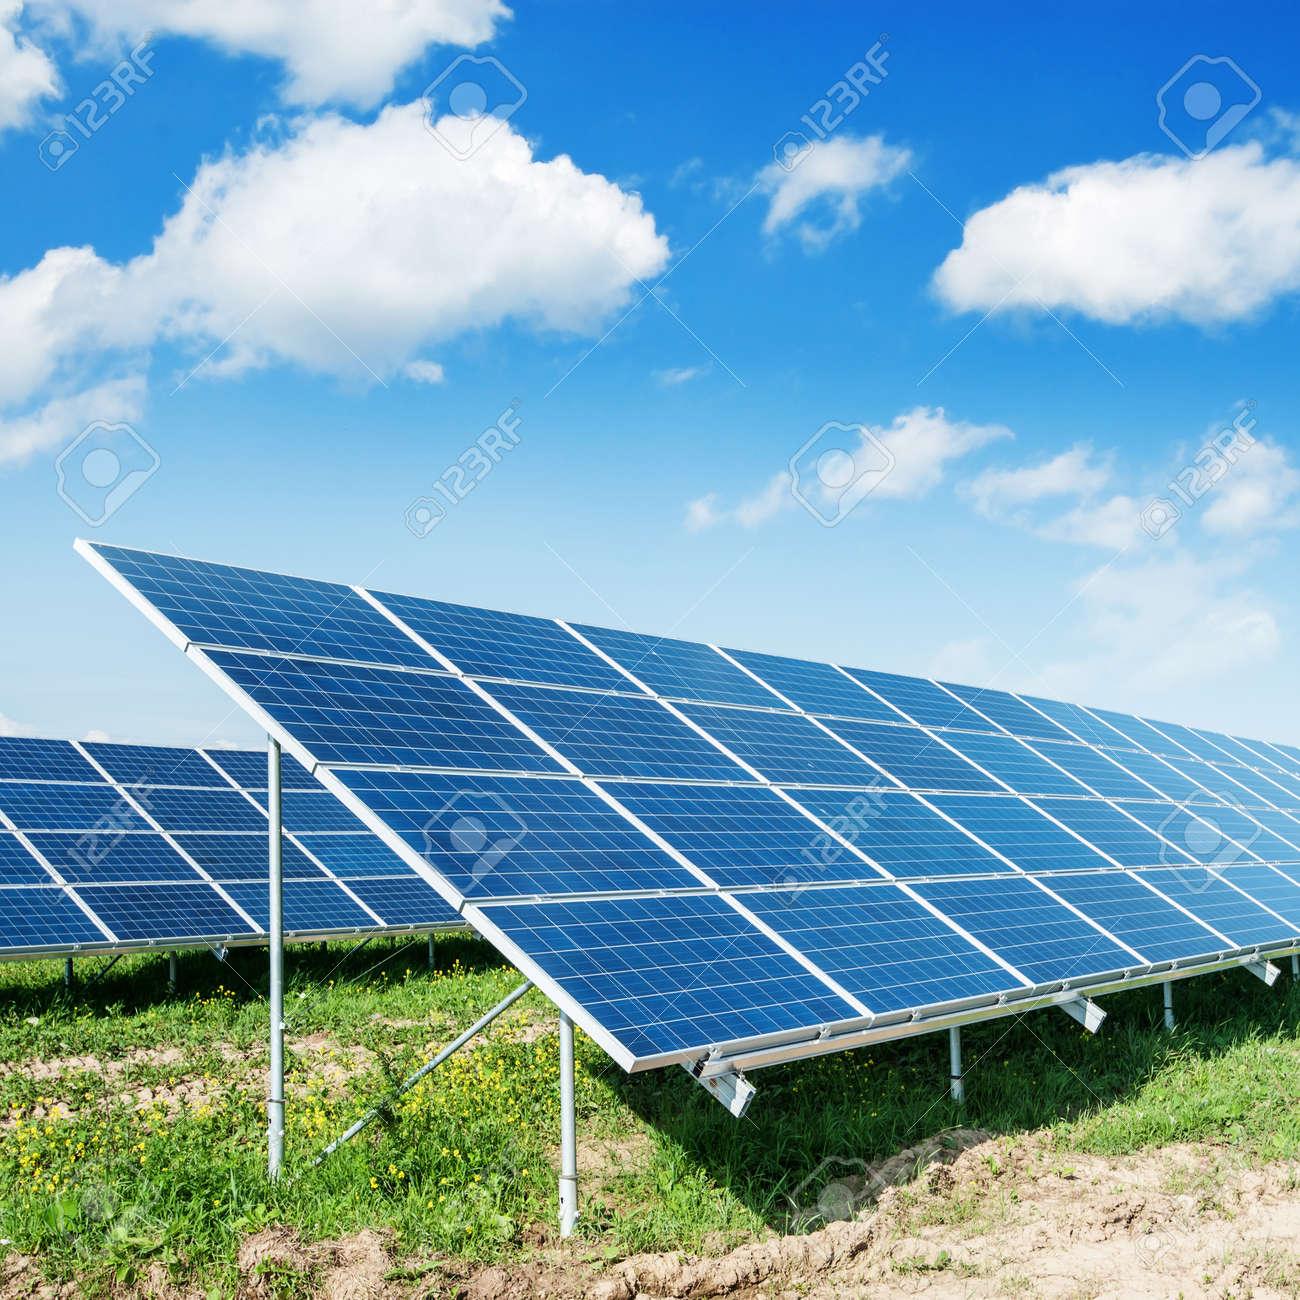 Sonnenkollektoren und blauer Himmel Standard-Bild - 21611352